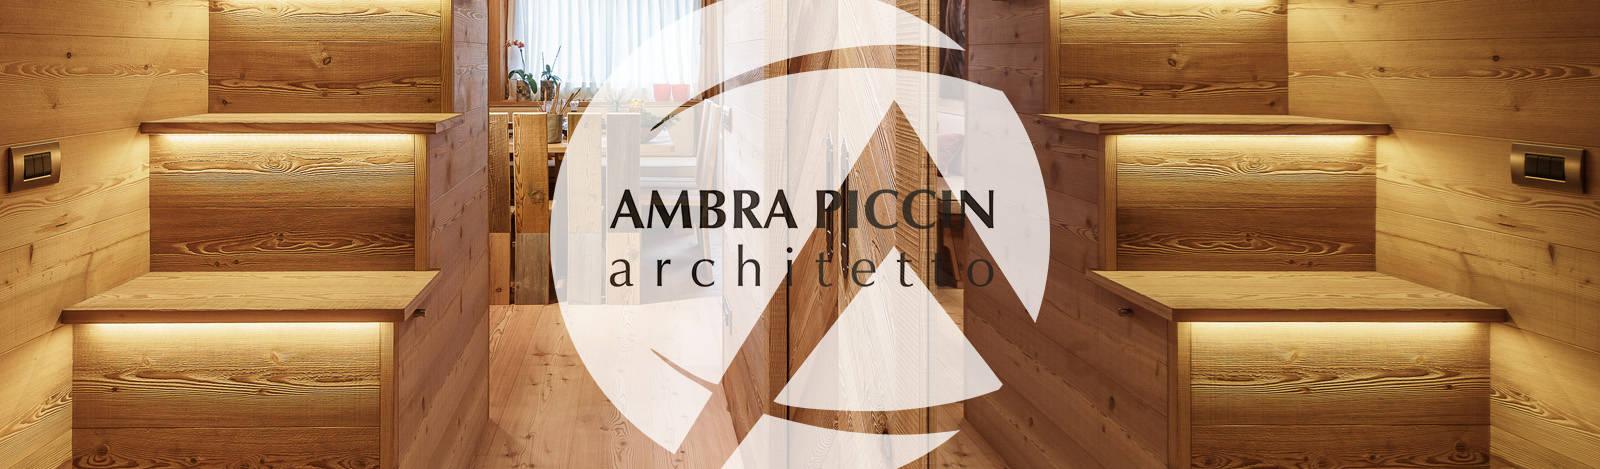 Ambra Piccin Architetto